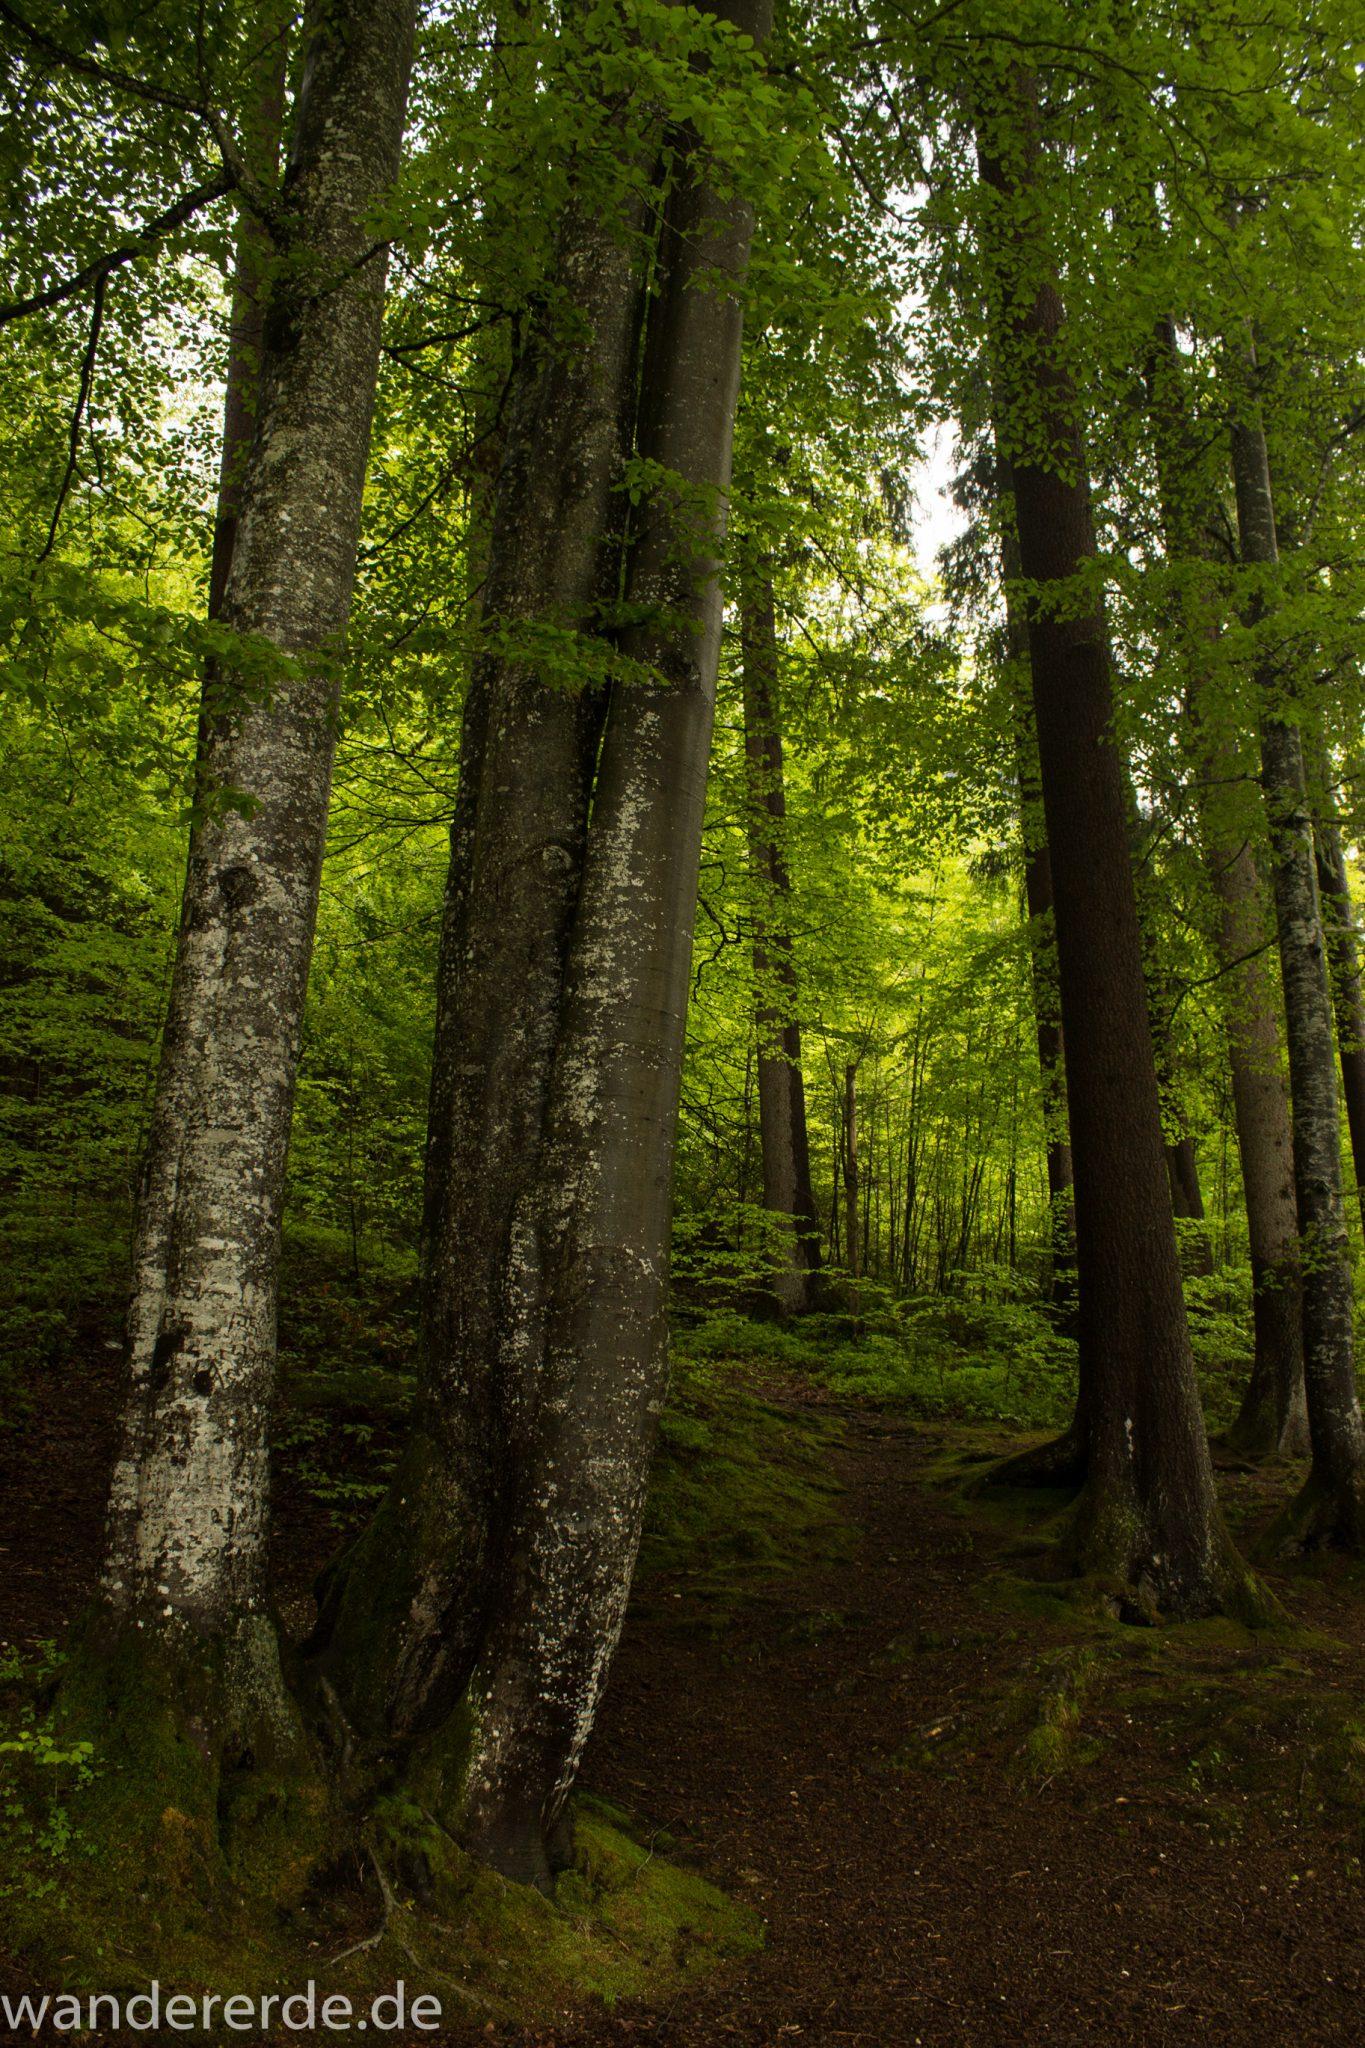 Wanderung beim Alpsee bei Hohenschwangau, schöner schmaler Wanderweg durch Laubwald und Nadelwald, Frühling in Bayern, verschiedenste Grüntöne